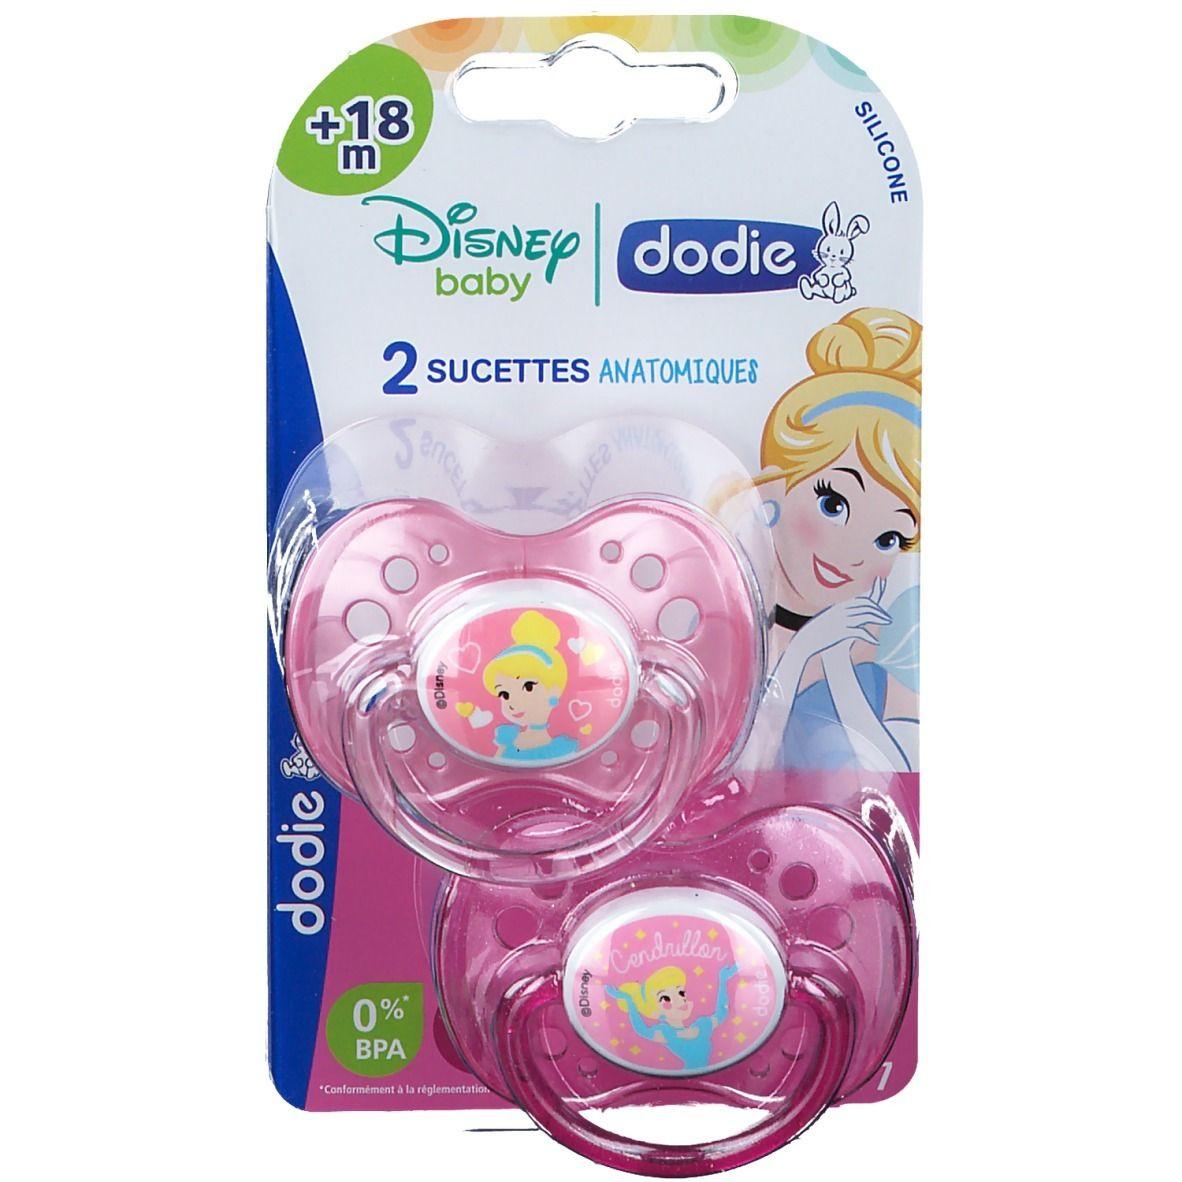 dodie® Sucette Anatomique + 18 Mois Disney (Couleur non sélectionnable)